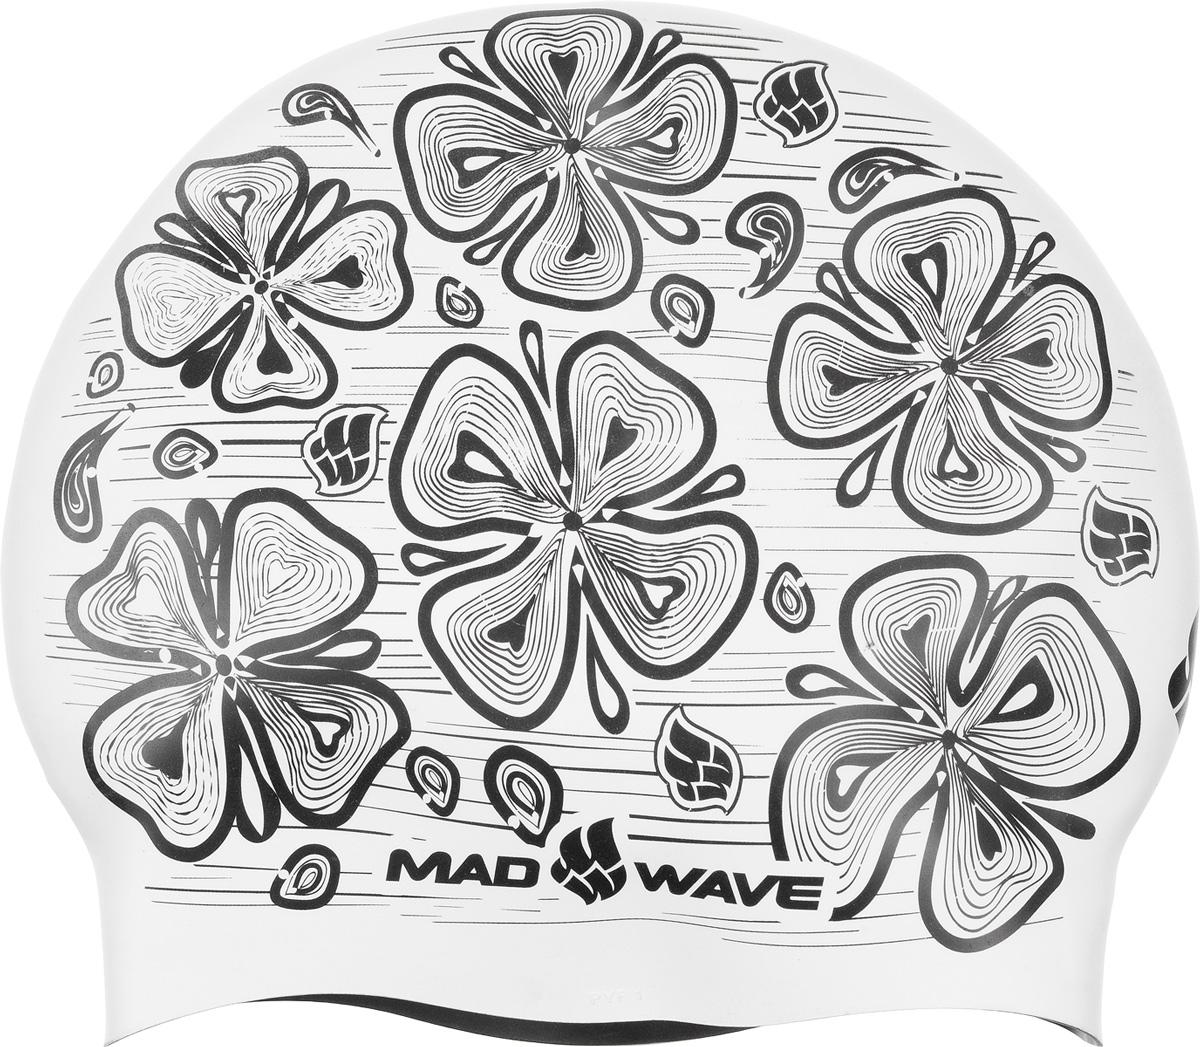 Шапочка для плавания MadWave Reverse Flora, силиконовая, двусторонняя, цвет: зеленыйM0552 08 0 10WMadWave Reverse Flora - 3D двусторонняя силиконовая шапочка. Мягкий прочный силикон обеспечивает идеальную подгонку и комфорт. Материал шапочки не вызывает раздражения, что гарантирует безопасность использования шапочки. Силикон не пропускает воду и приятен на ощупь. Характеристики: Материал: силикон. Размер шапочки: 22 см x 19 см. Производитель: Китай.Артикул: M0552 08 0 10W.